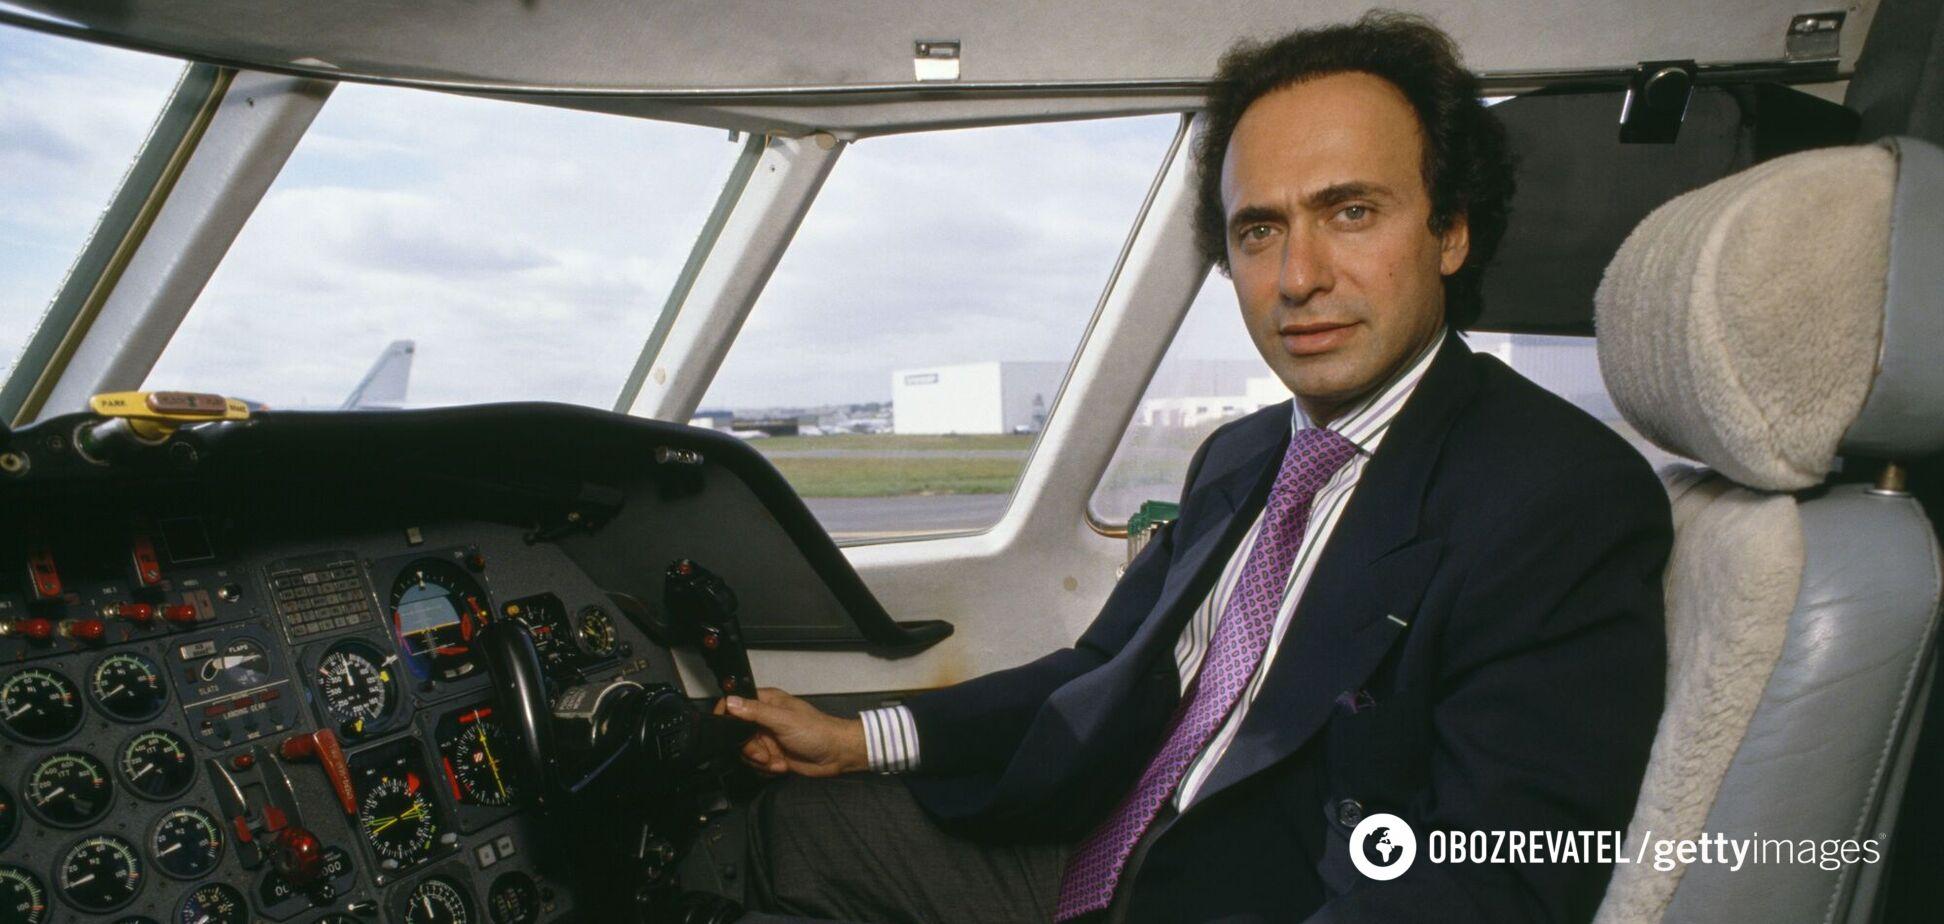 Олів'є Дассо загинув в аварії вертольота